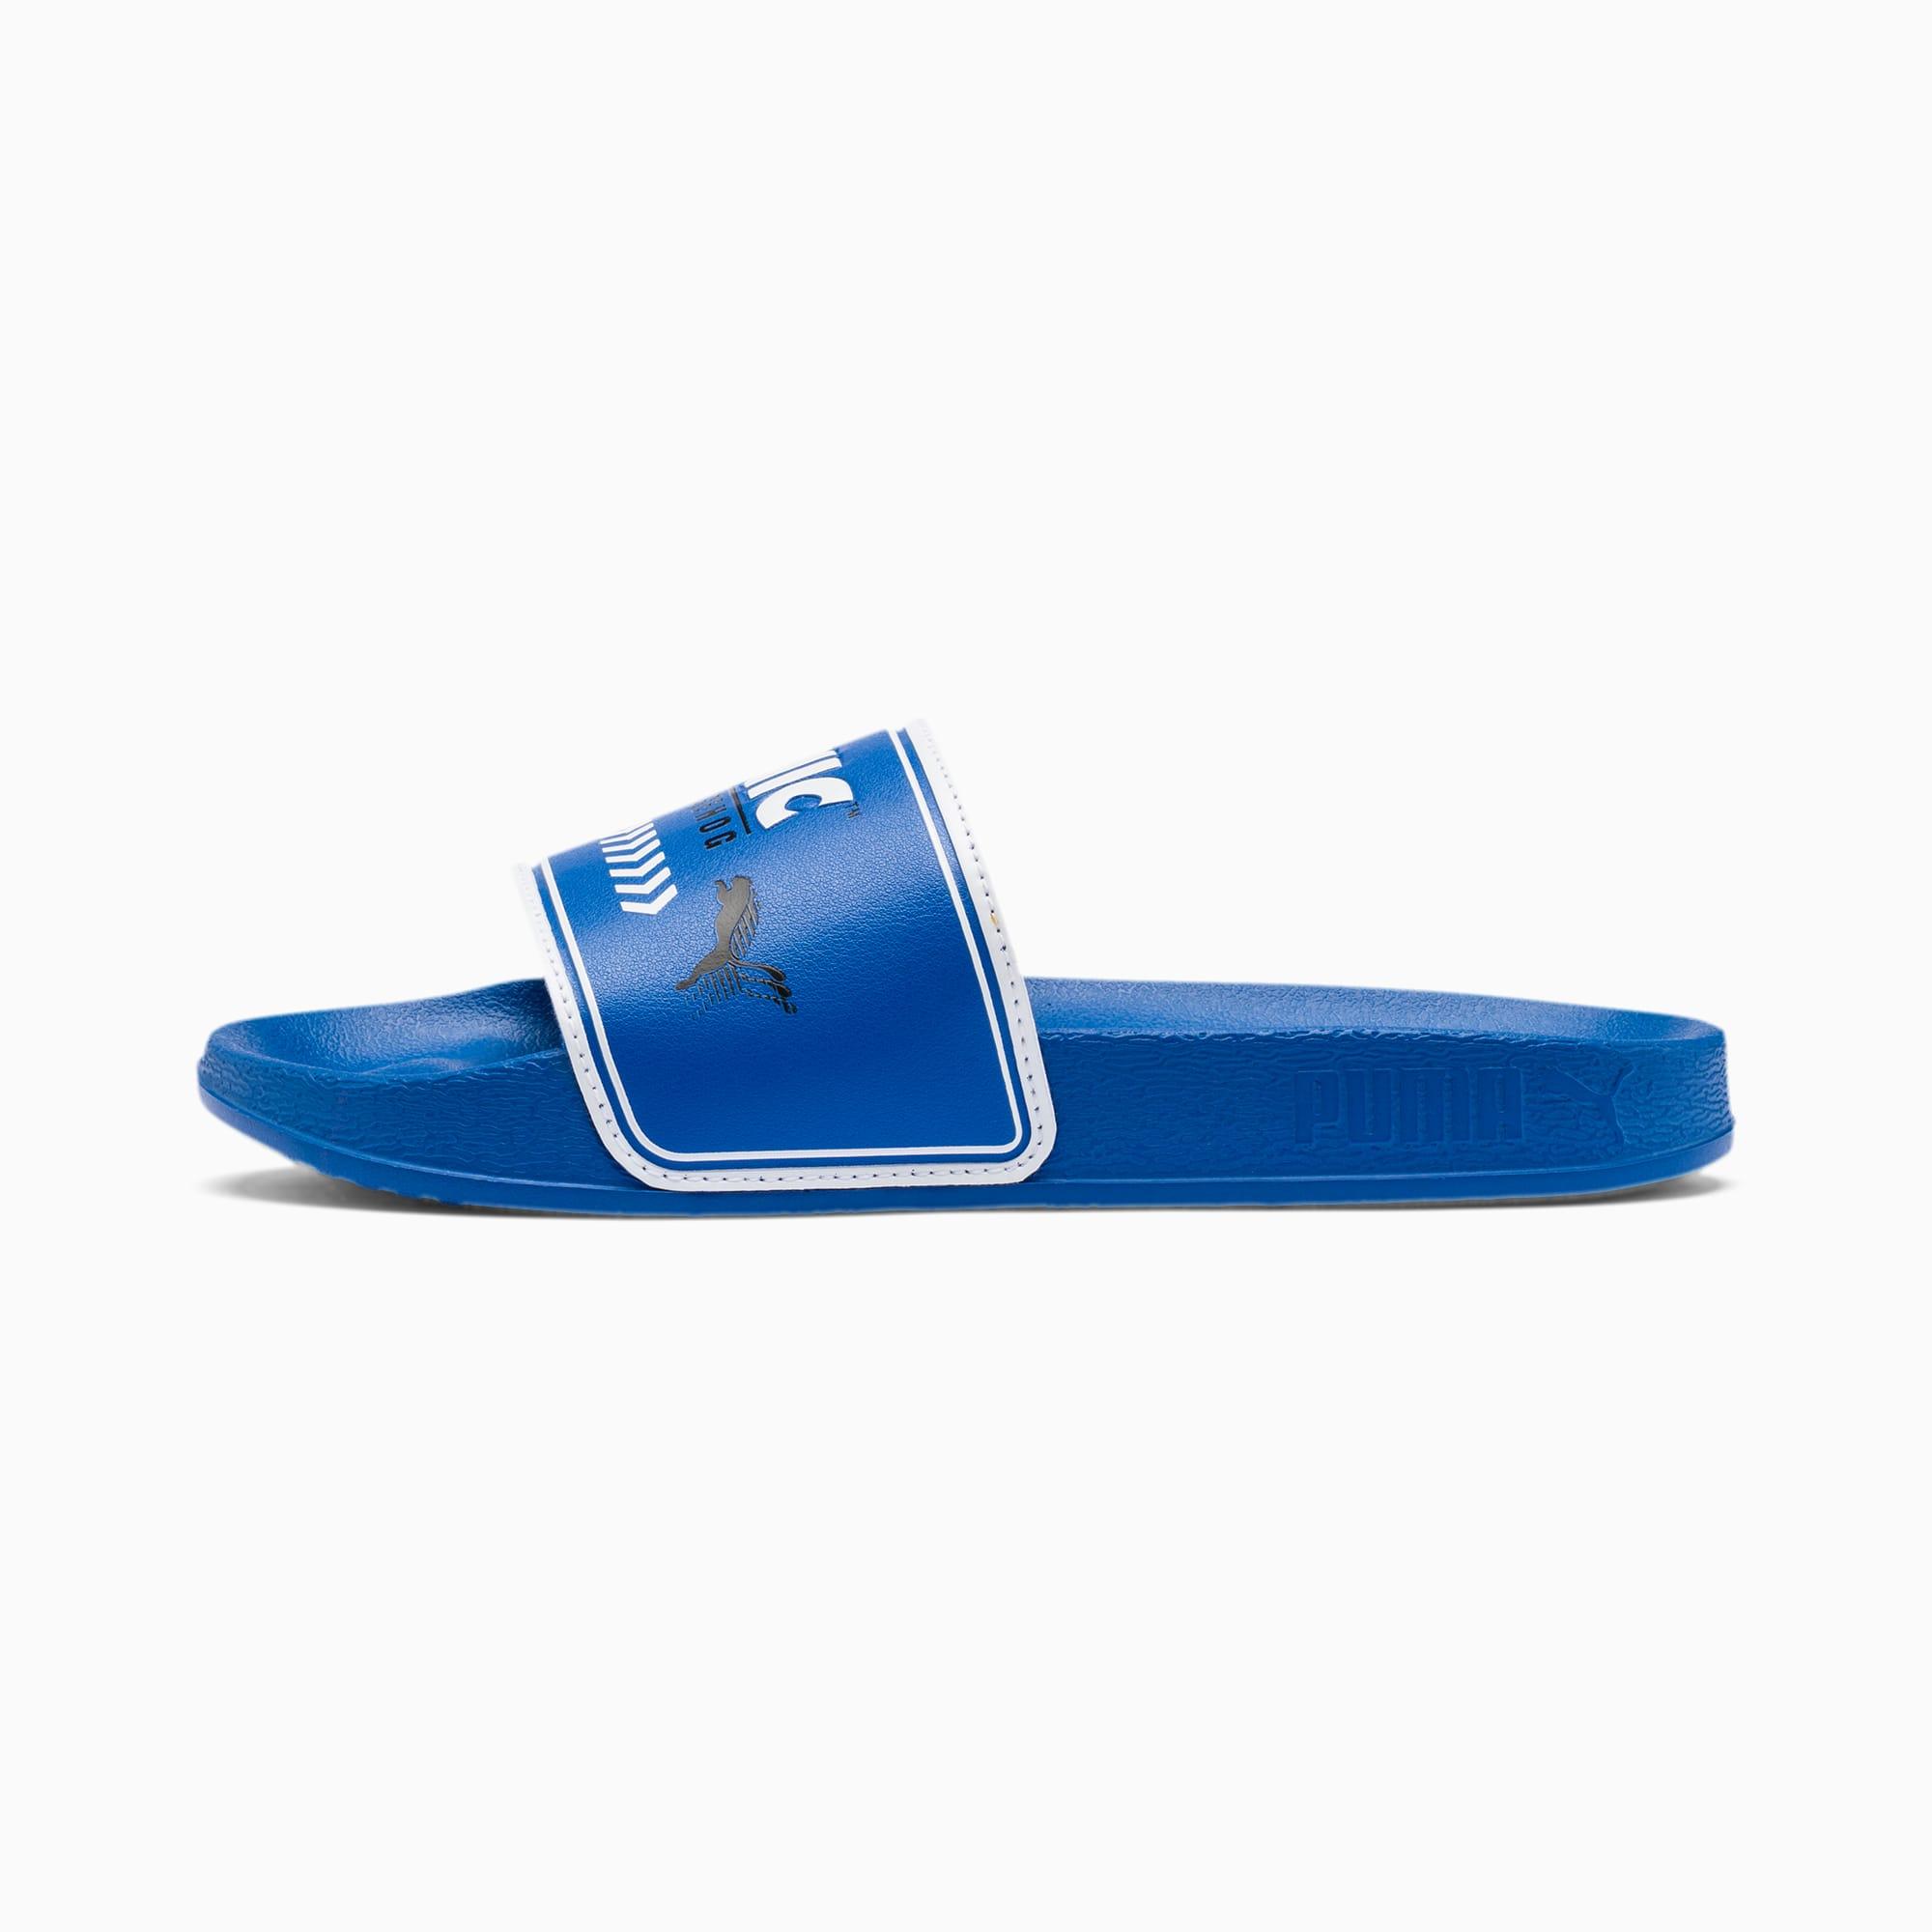 PUMA Sandale PUMA x SONIC Leadcat pour enfant, Bleu/Blanc, Taille 34.5, Chaussures